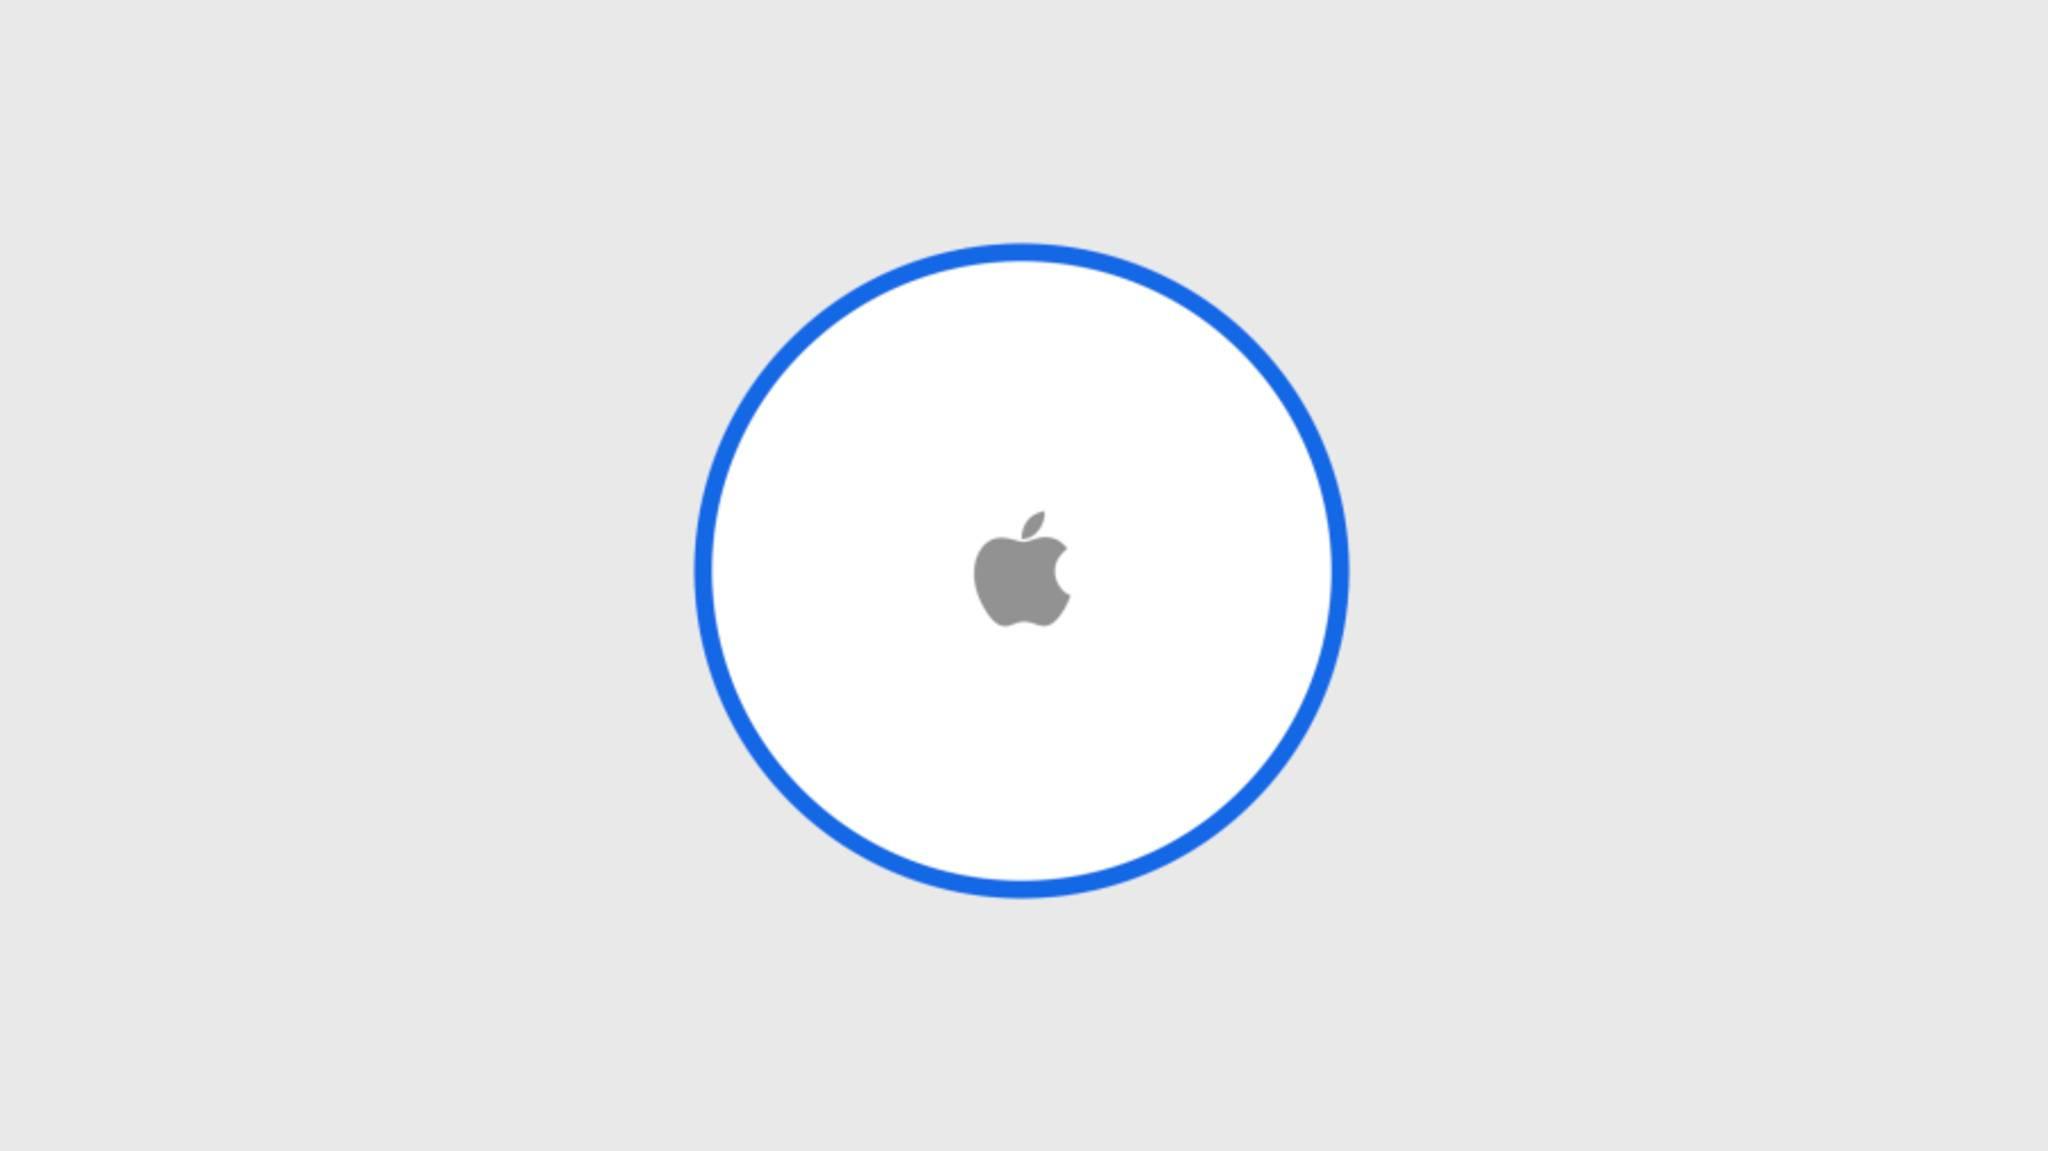 Ungefähr so könnte Apples Tracking-Gerät aussehen.